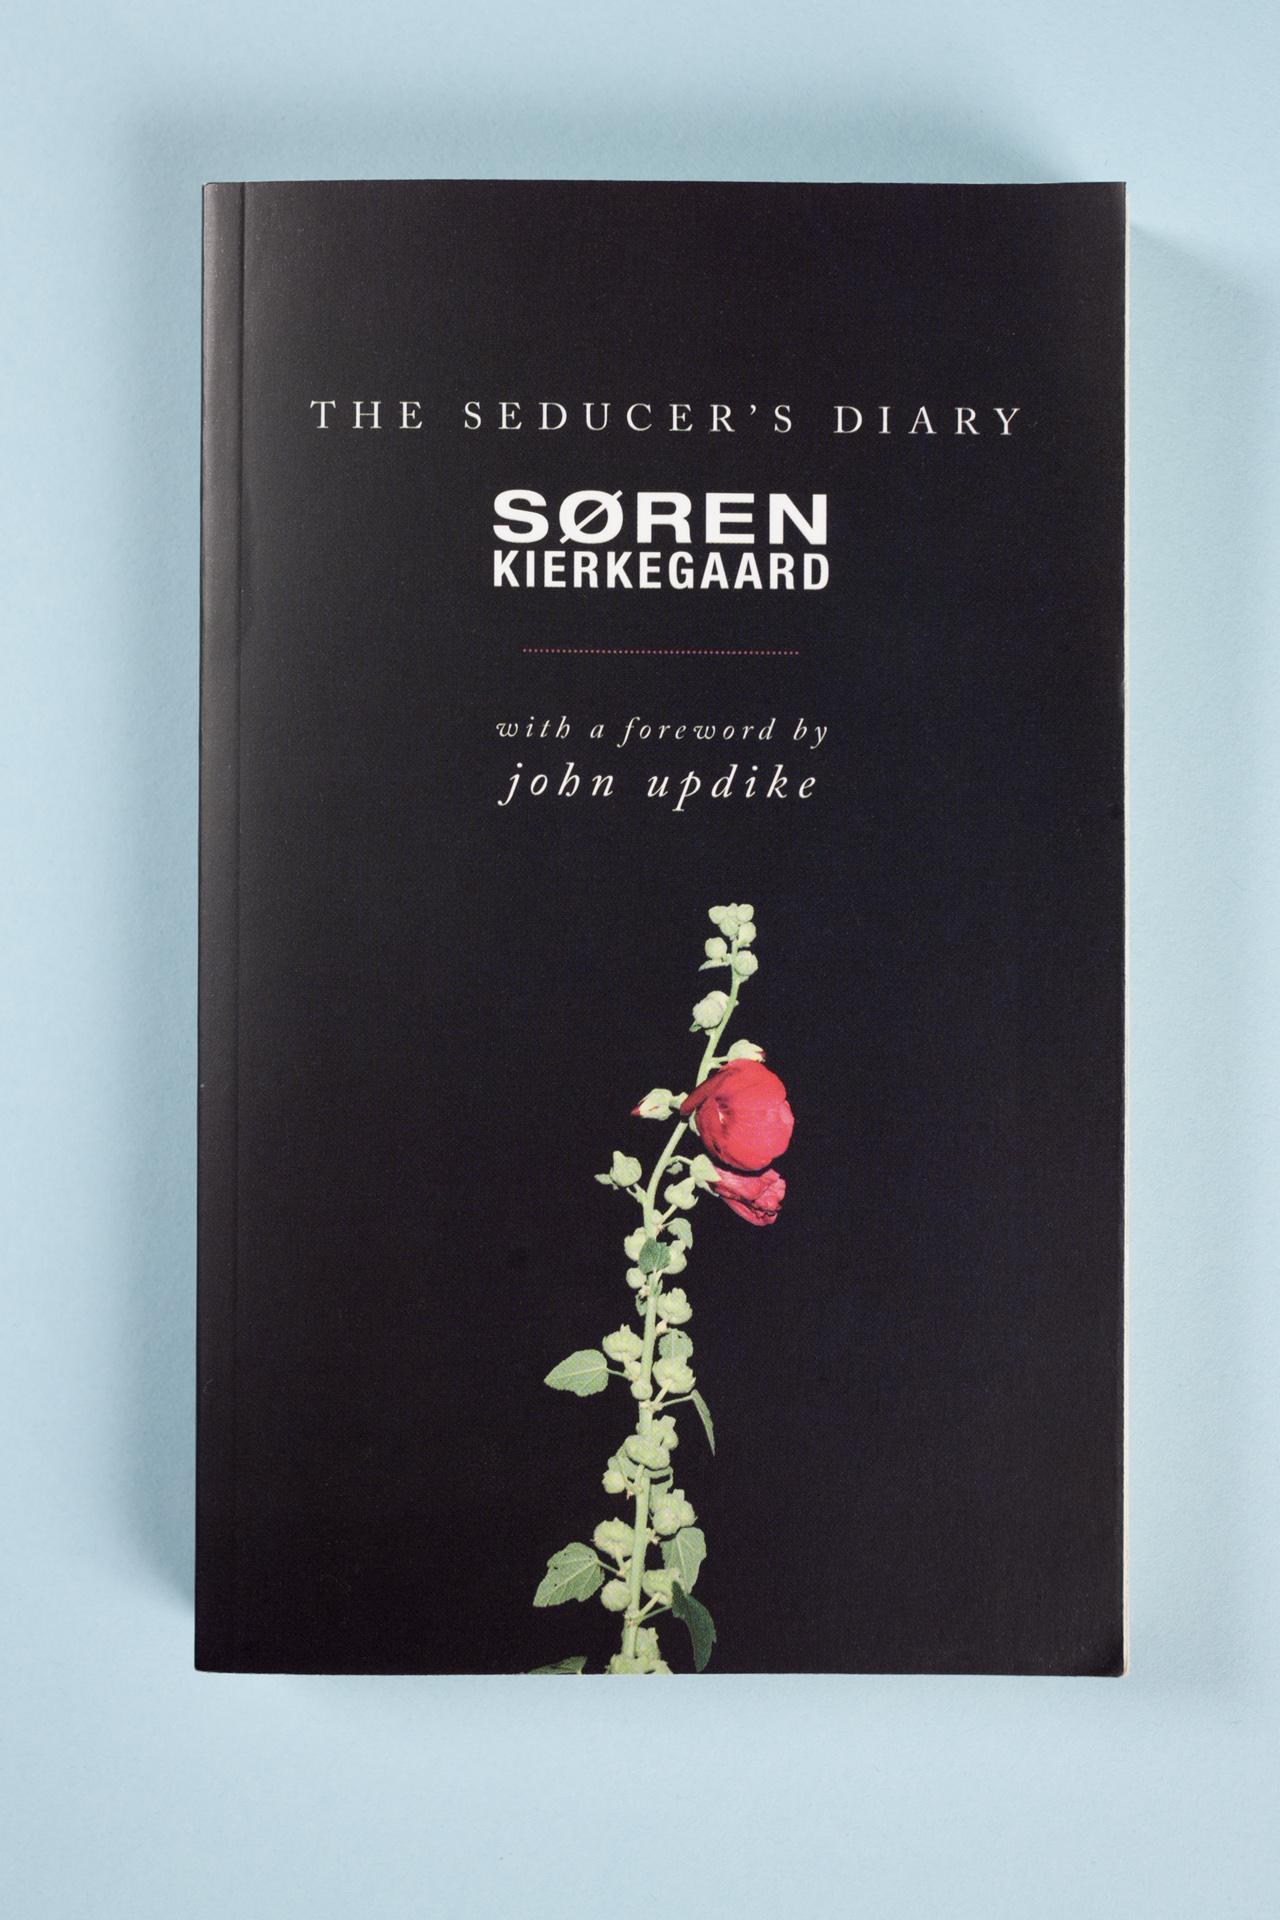 The Seducer's Diary